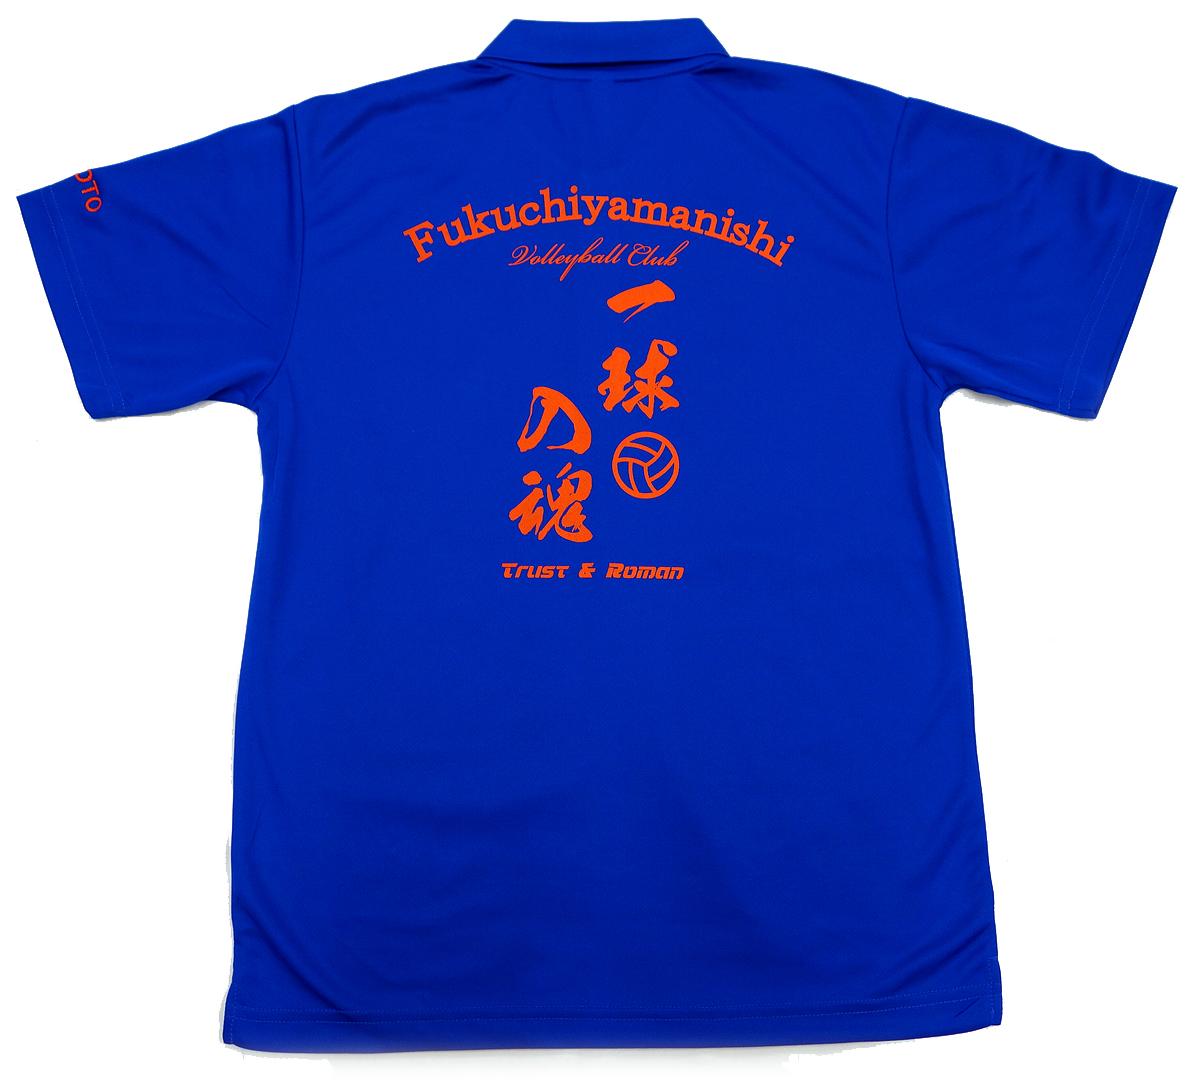 福知山西バレーボールクラブ様の応援ポロシャツ